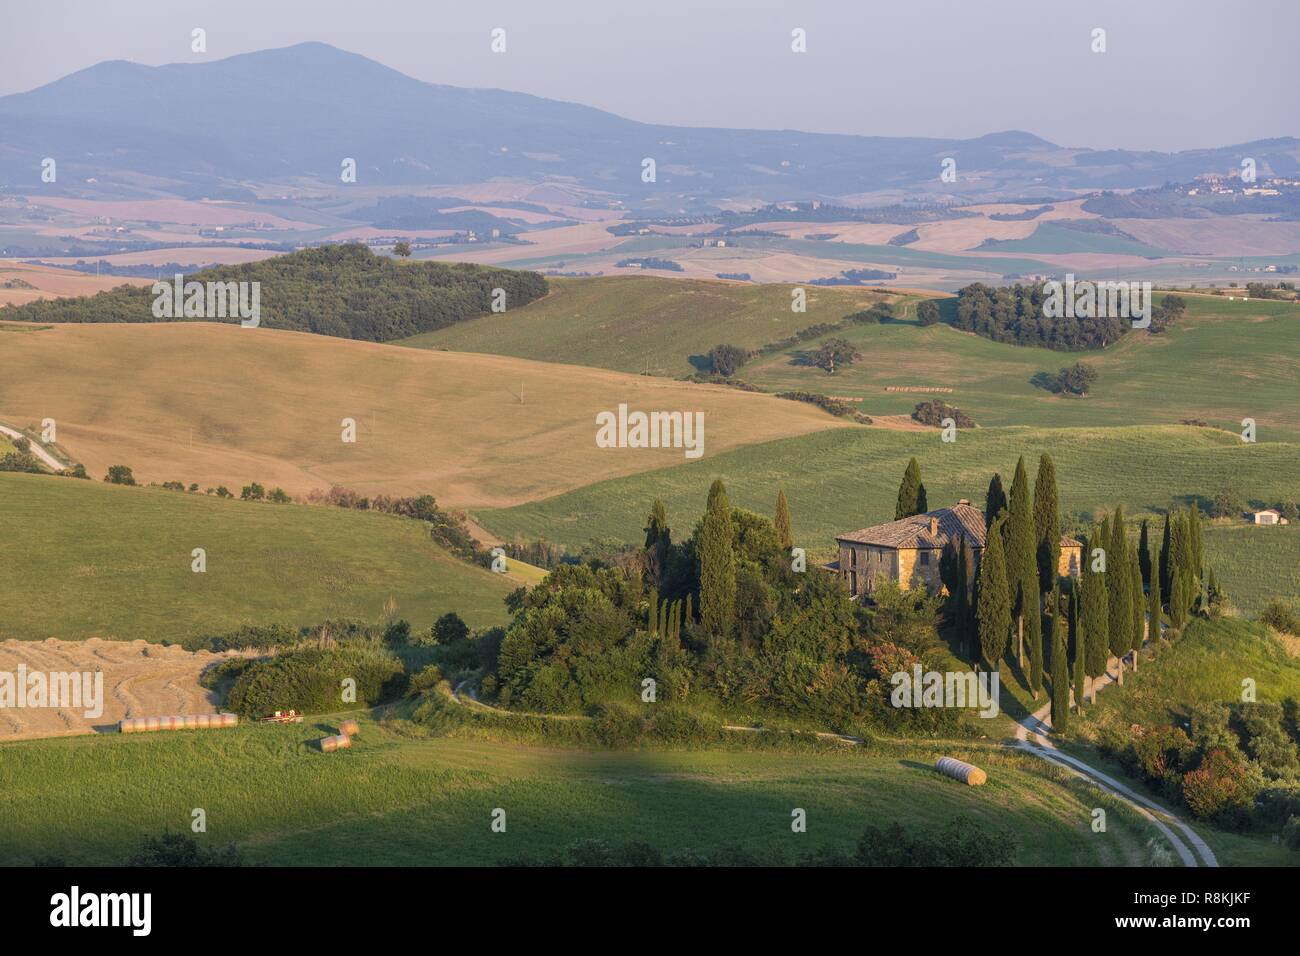 Italie, Toscane, Val d'Orcia, classé au Patrimoine Mondial de l'UNESCO, campagne près de Pienza avec vue sur le Mont Amiata (1738m) Photo Stock